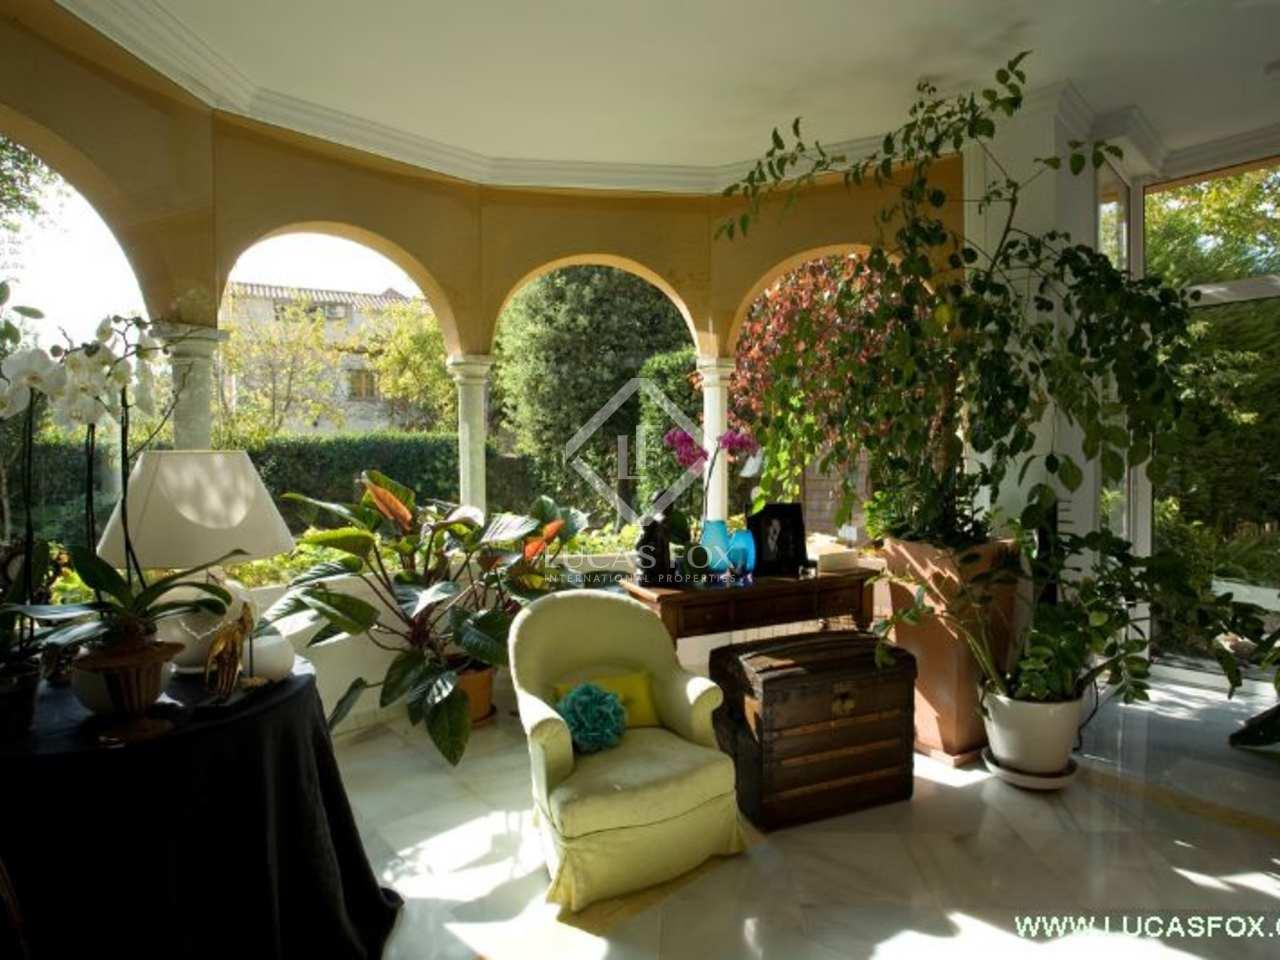 Maison villa de 340m a louer sant cugat barcelone - Location maison piscine barcelone ...